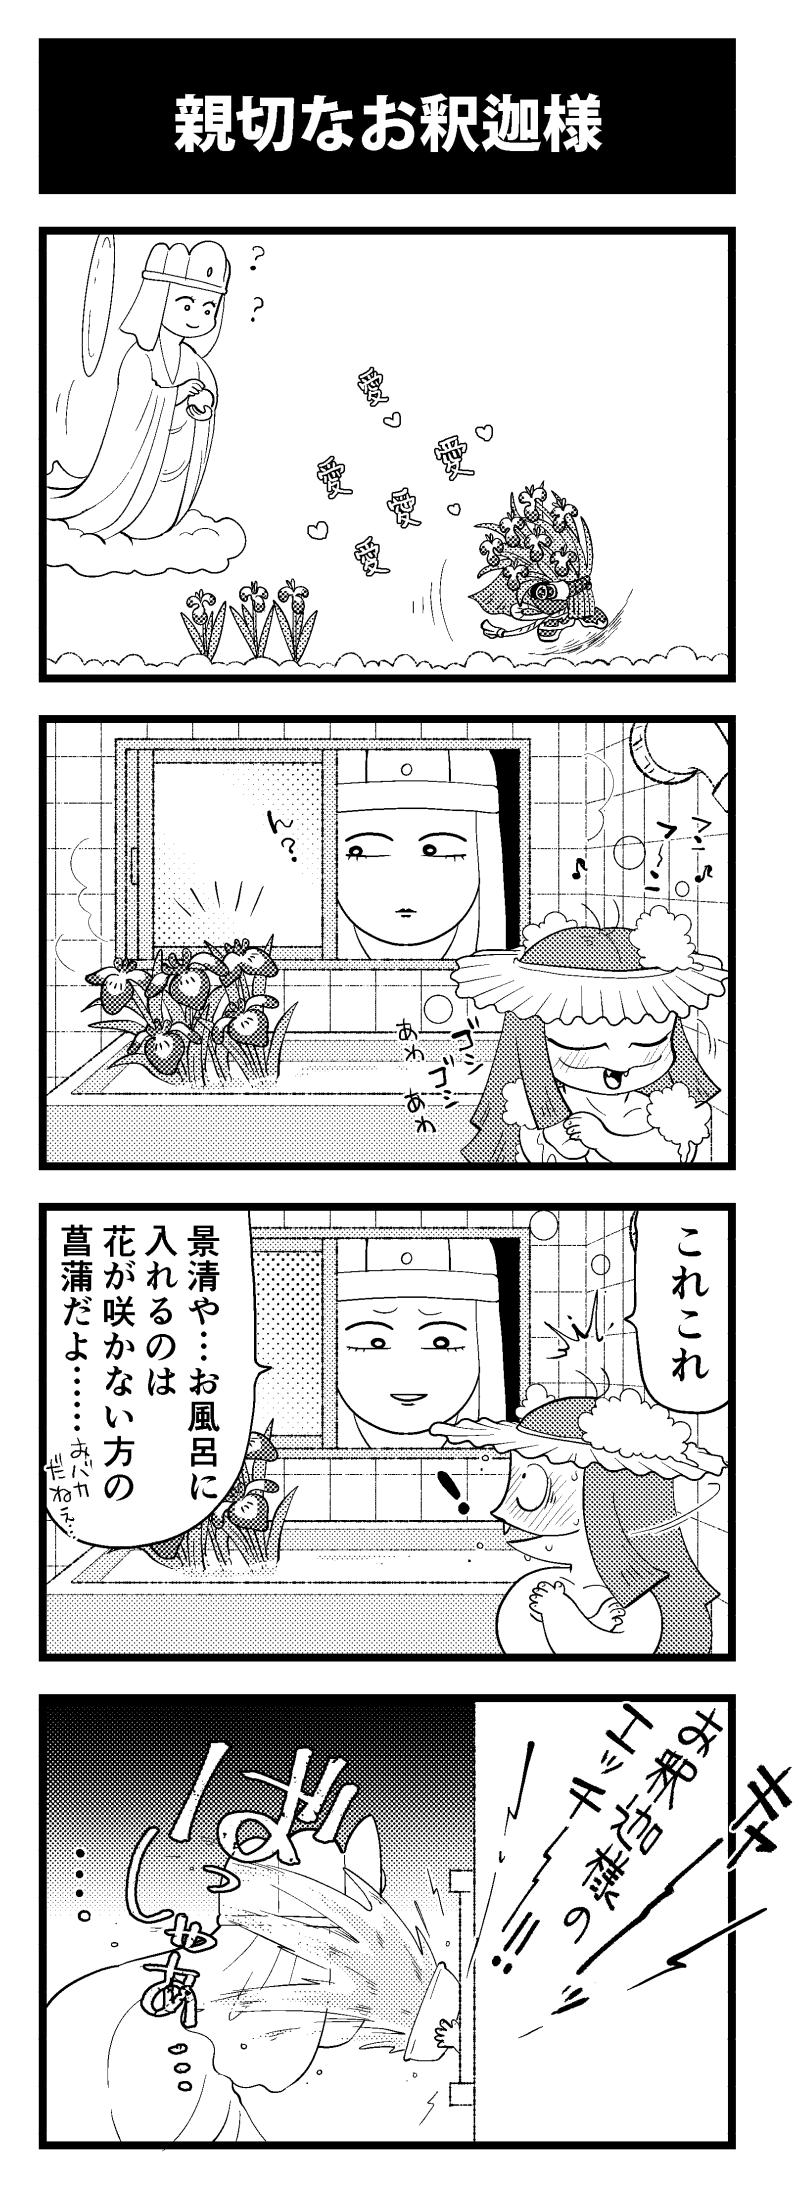 源平討漫伝 第1話